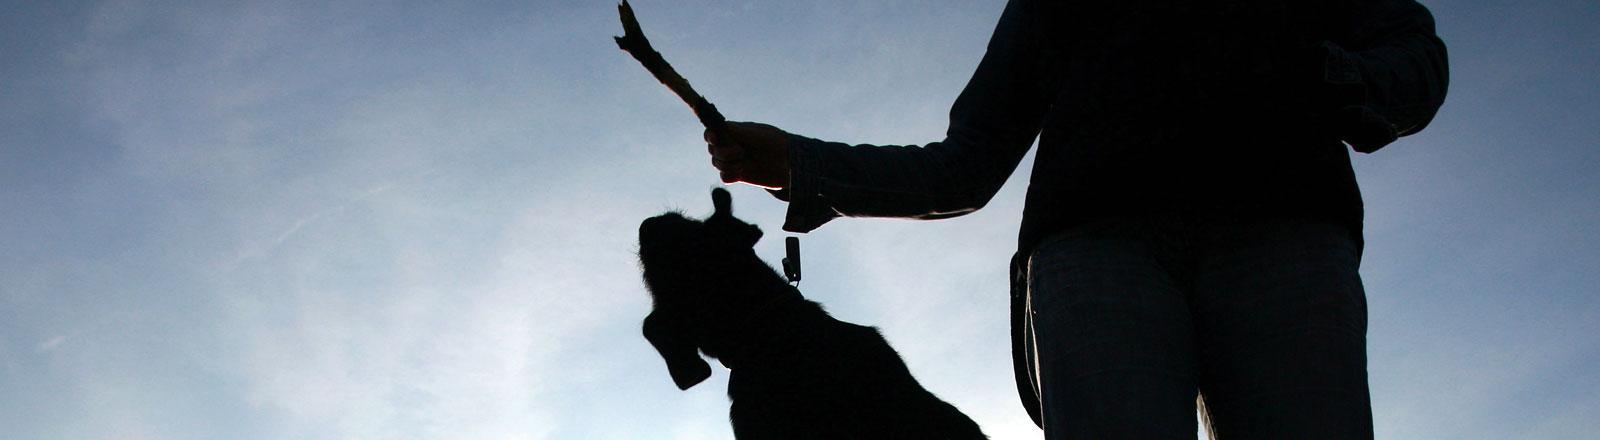 Ein Hund springt nach einem Stöckchen.